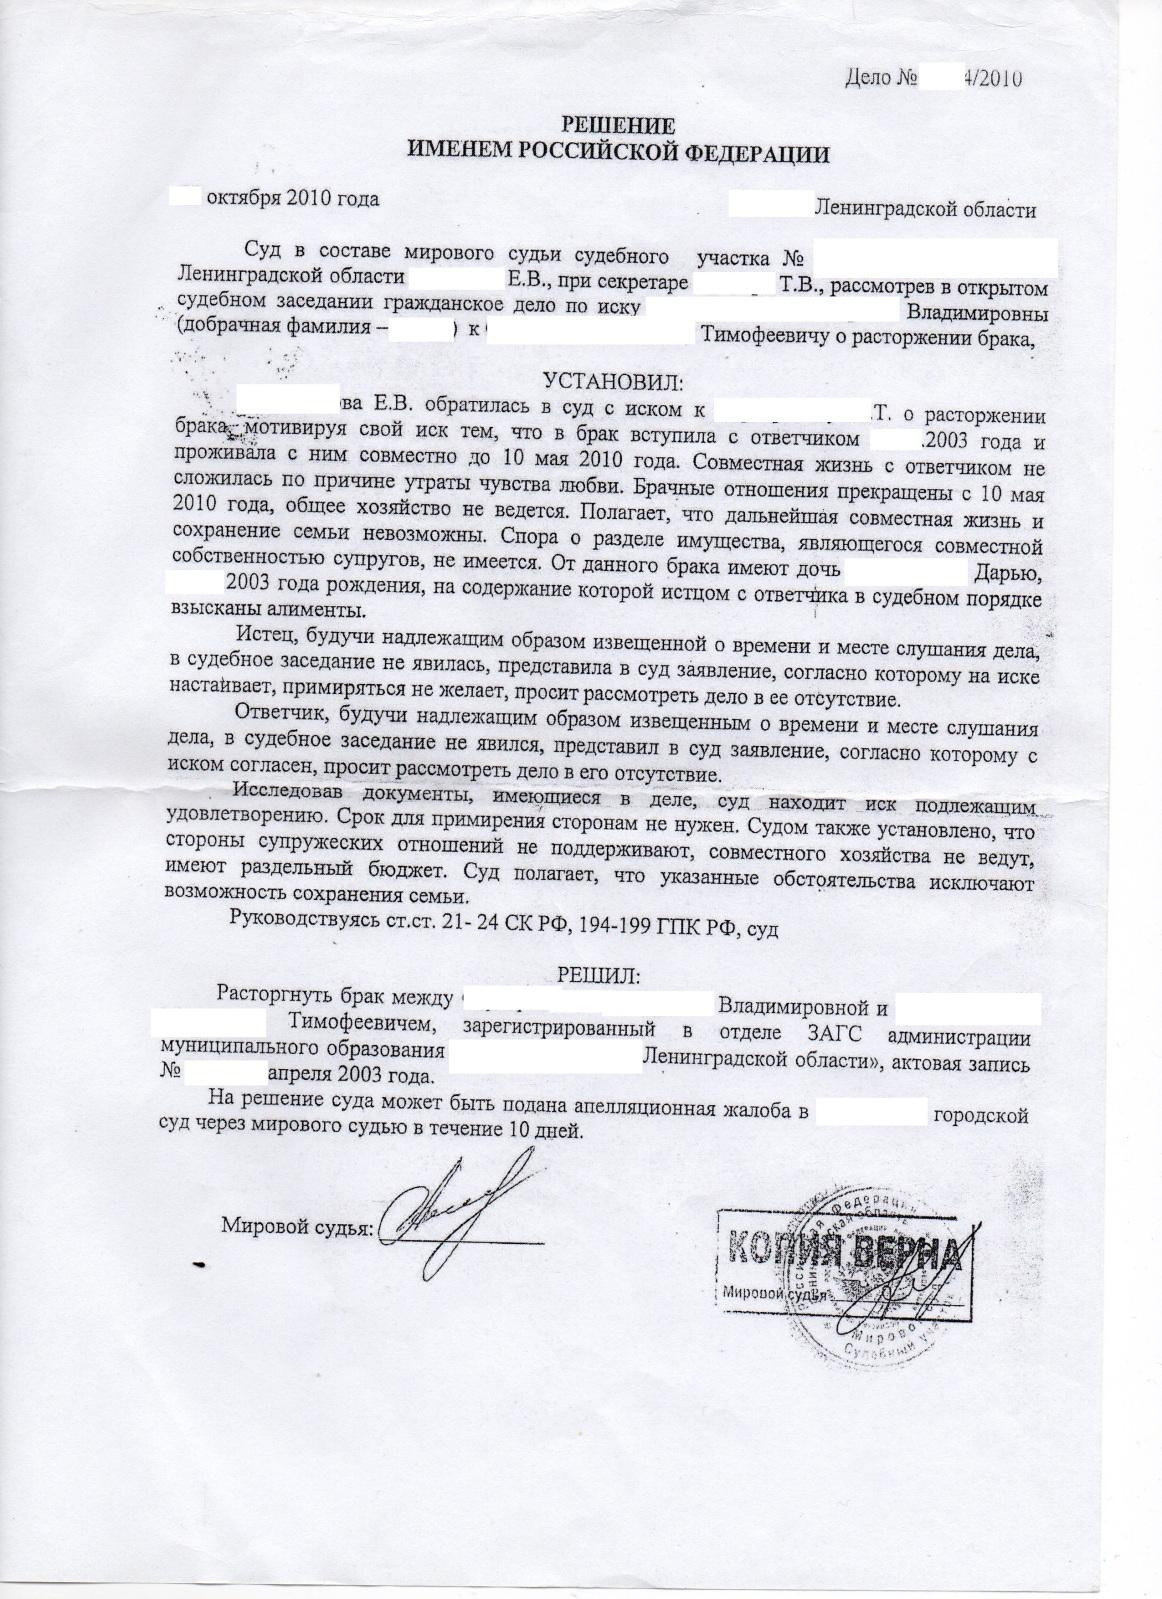 БЖ подала встречное исковое заявление (об устранении препятствий к общению с ребёнком) 16k95sl